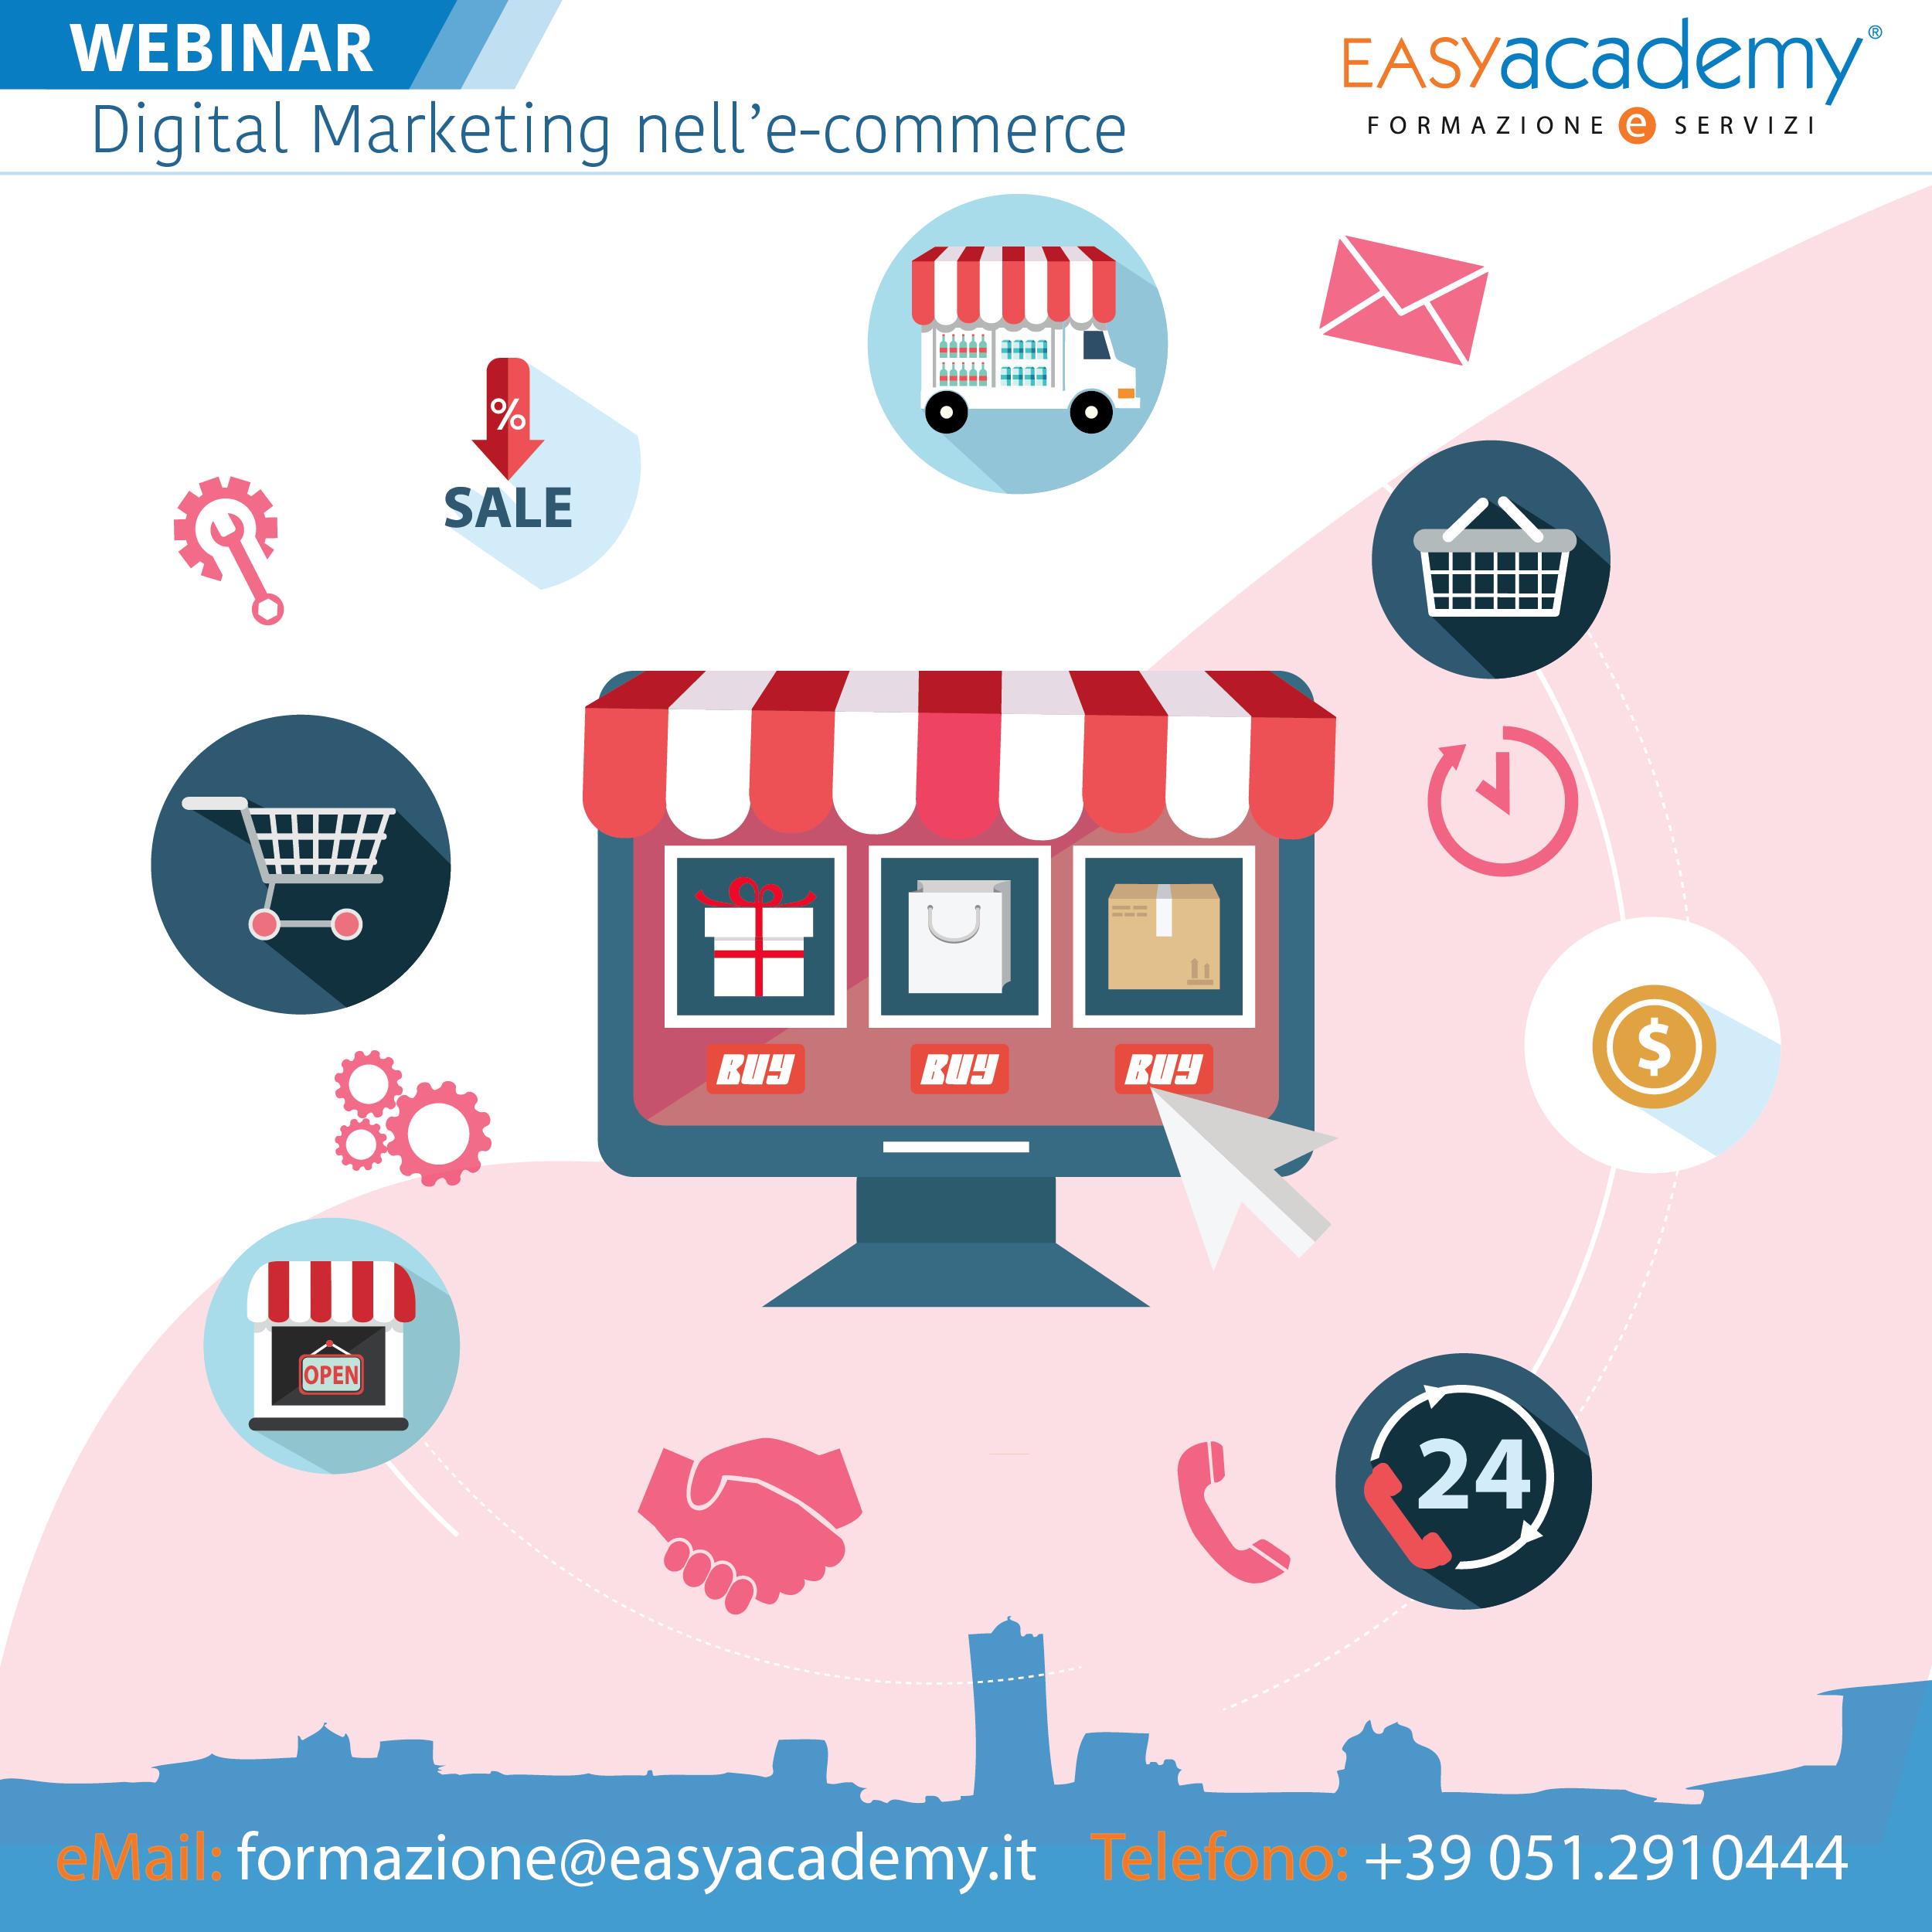 Digital Marketing nell'e-commerce | WEBINAR